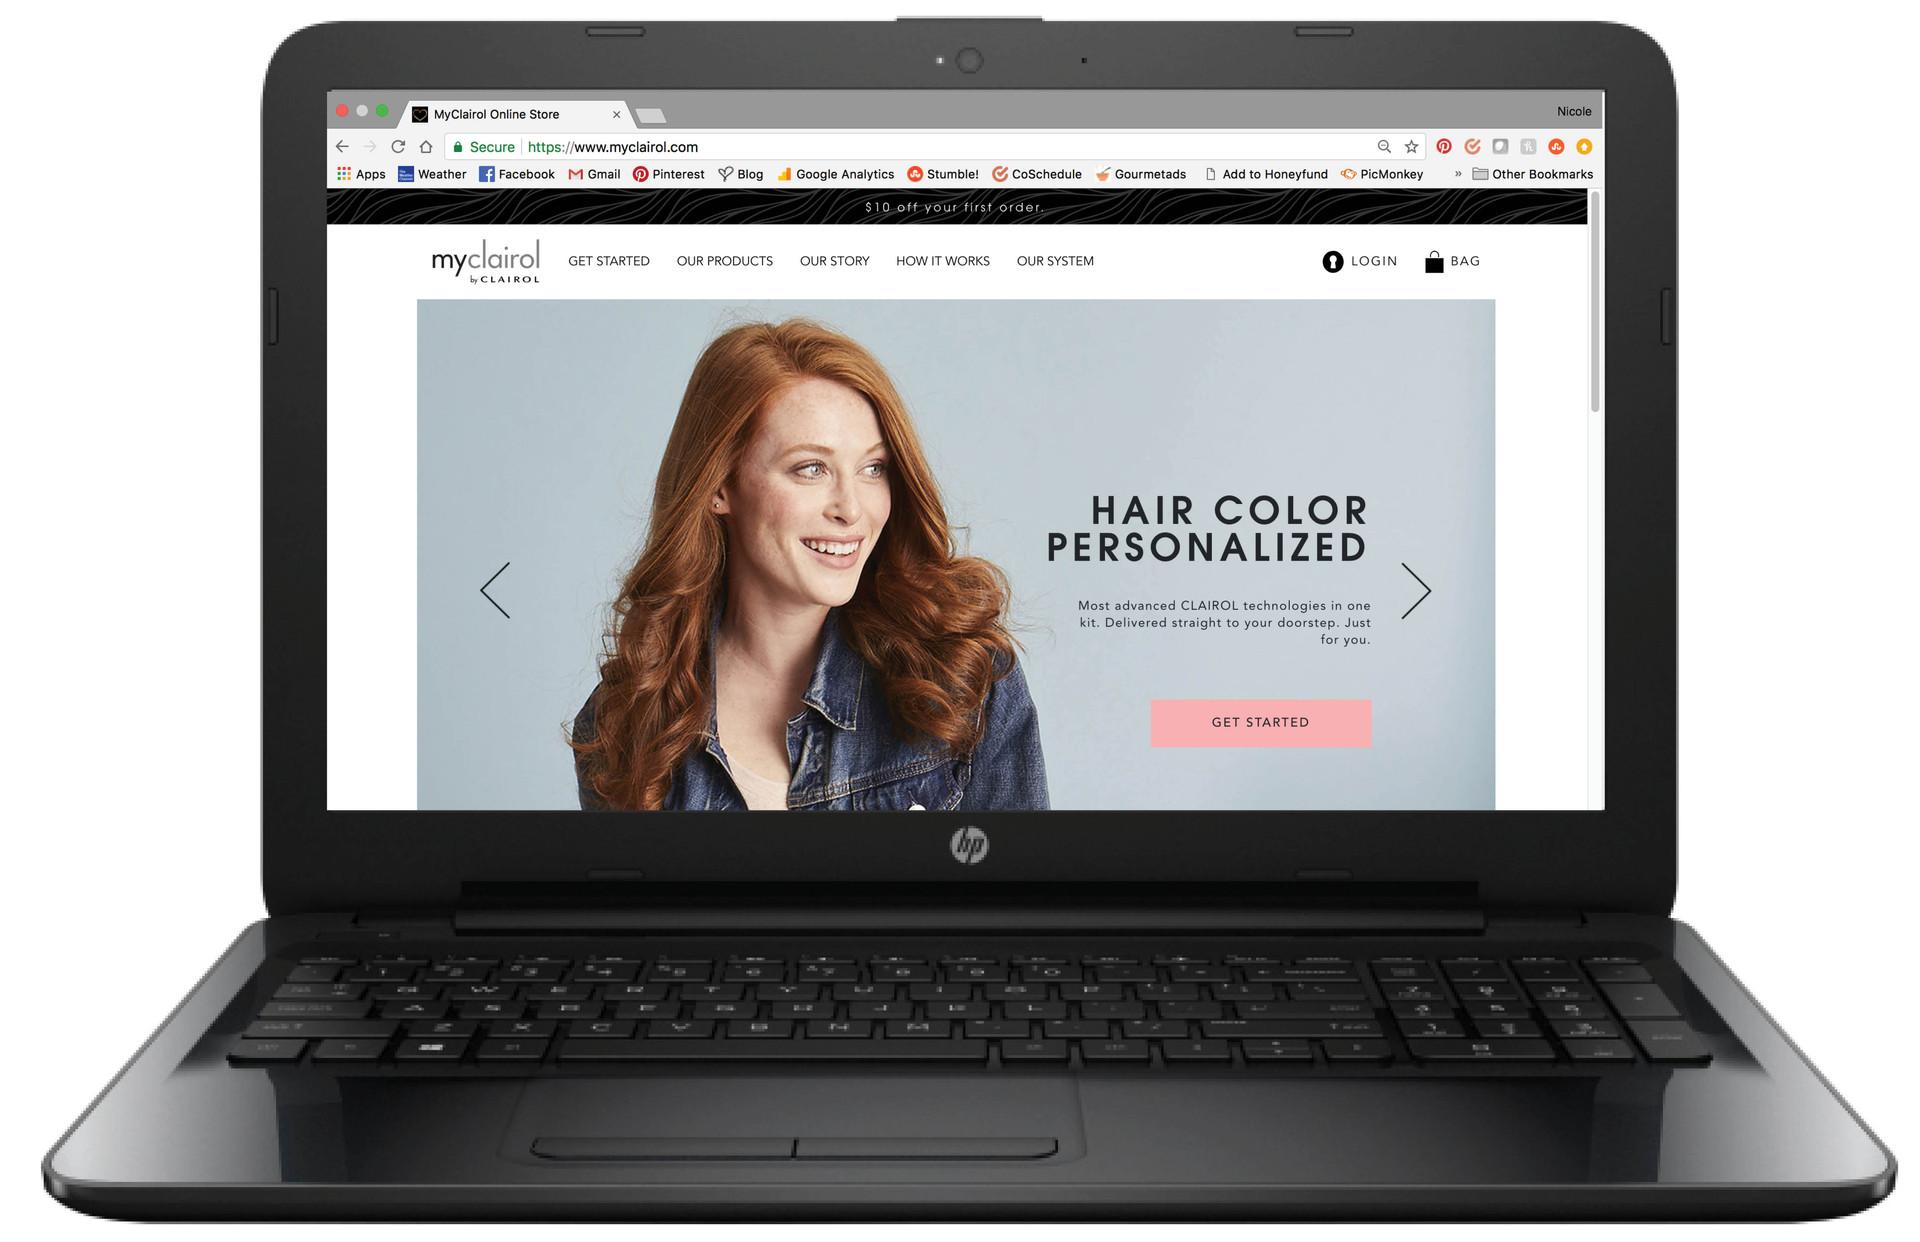 myclairol homepage